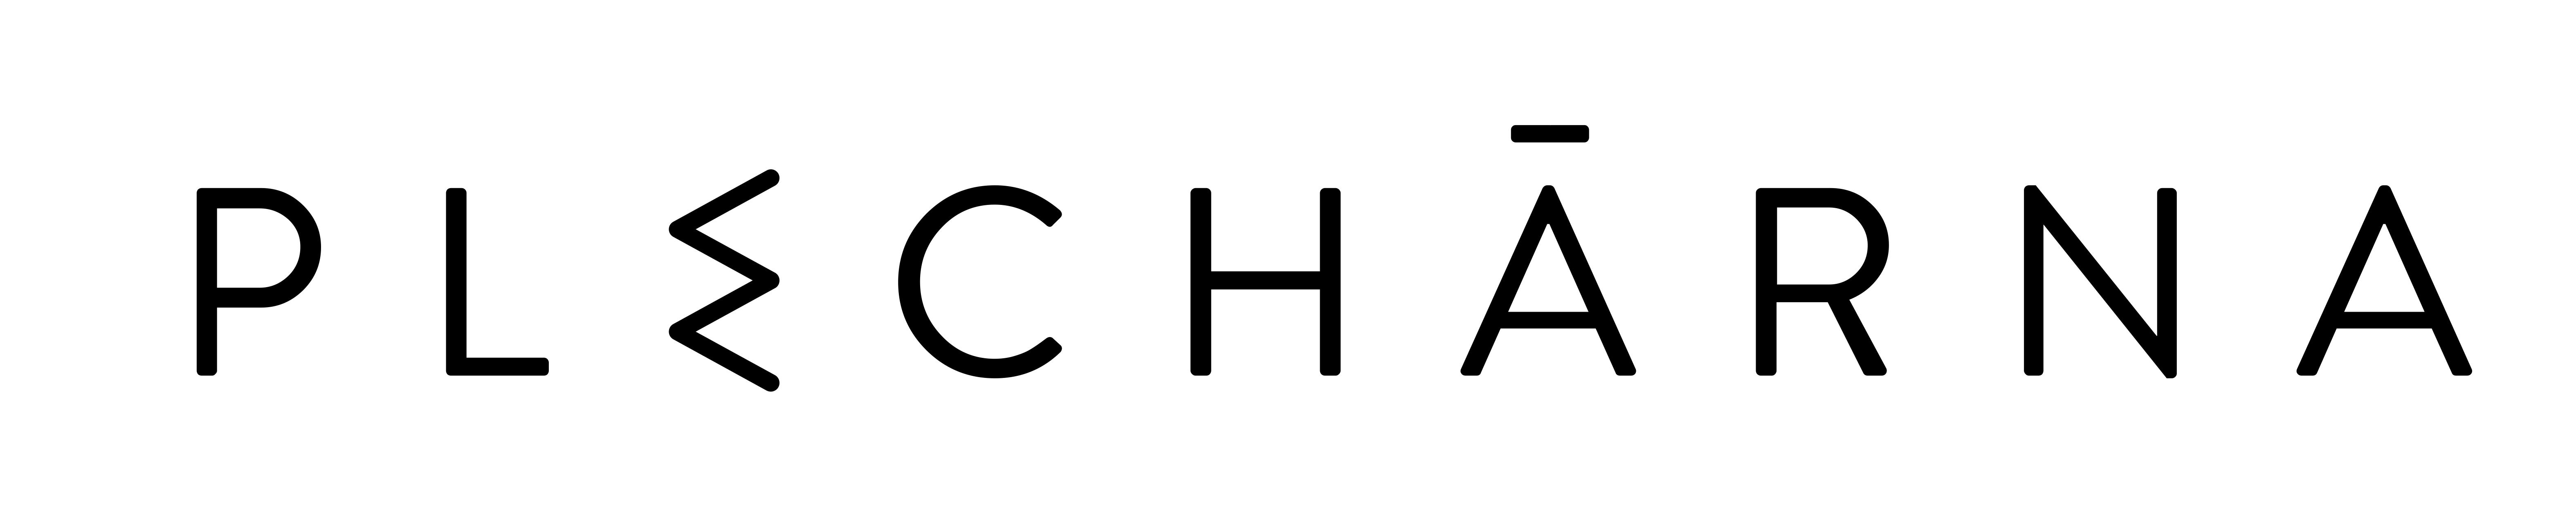 plecharna logo